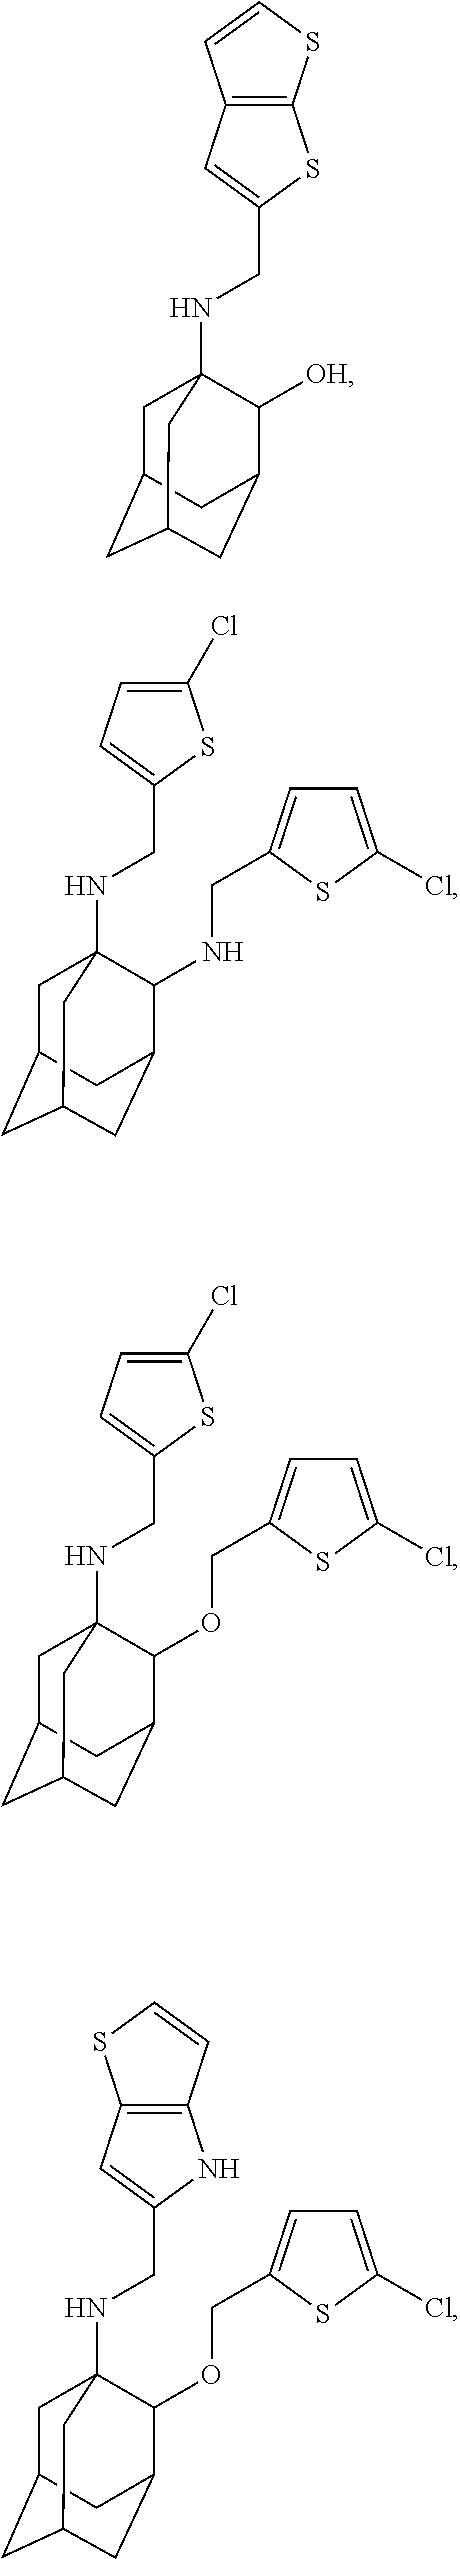 Figure US09884832-20180206-C00072